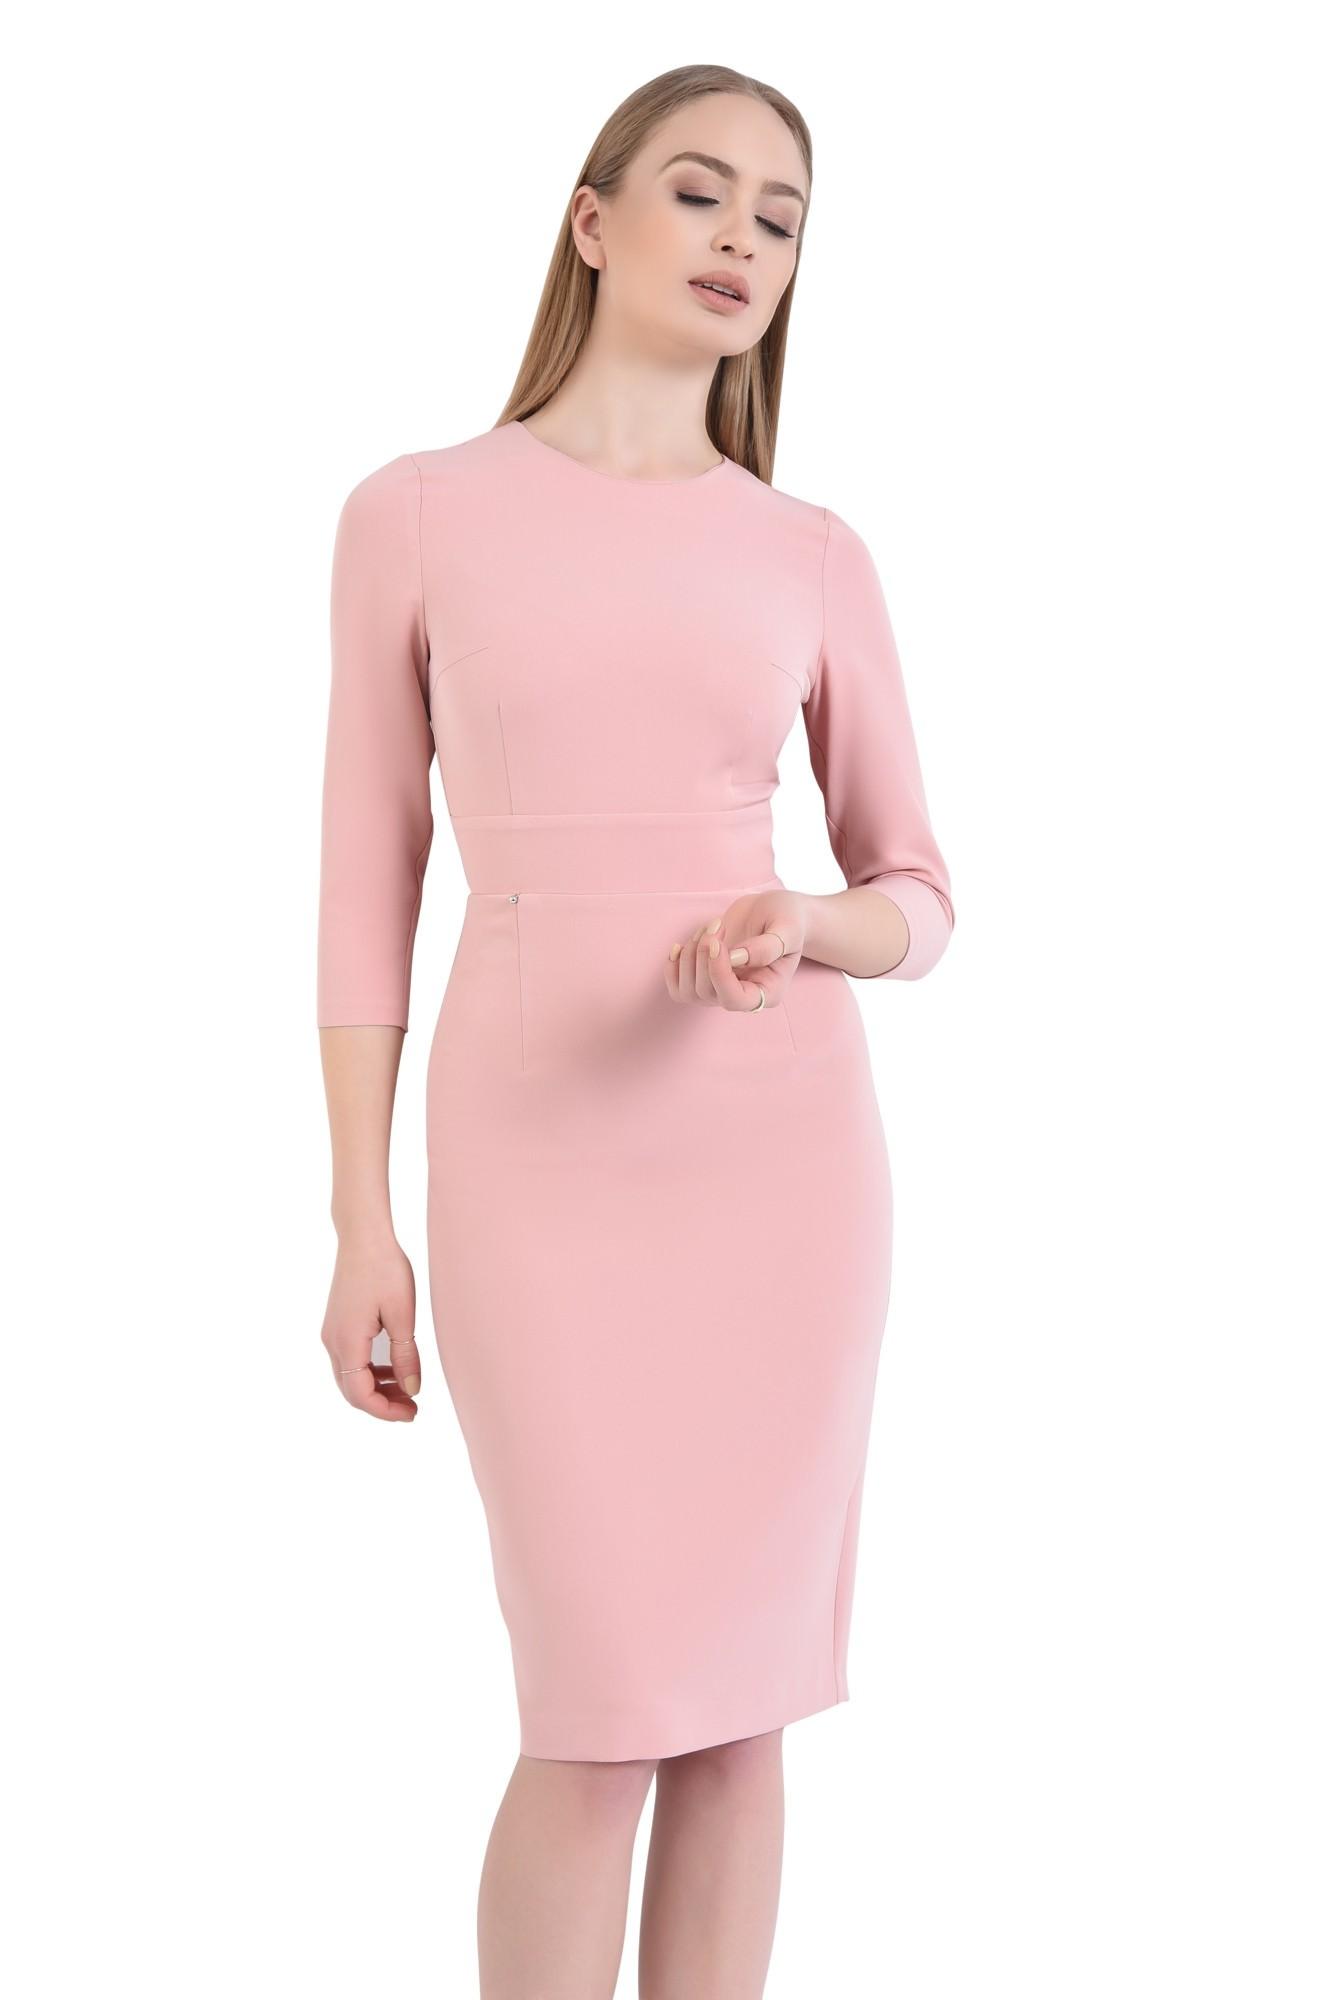 0 - Rochie de zi, roz